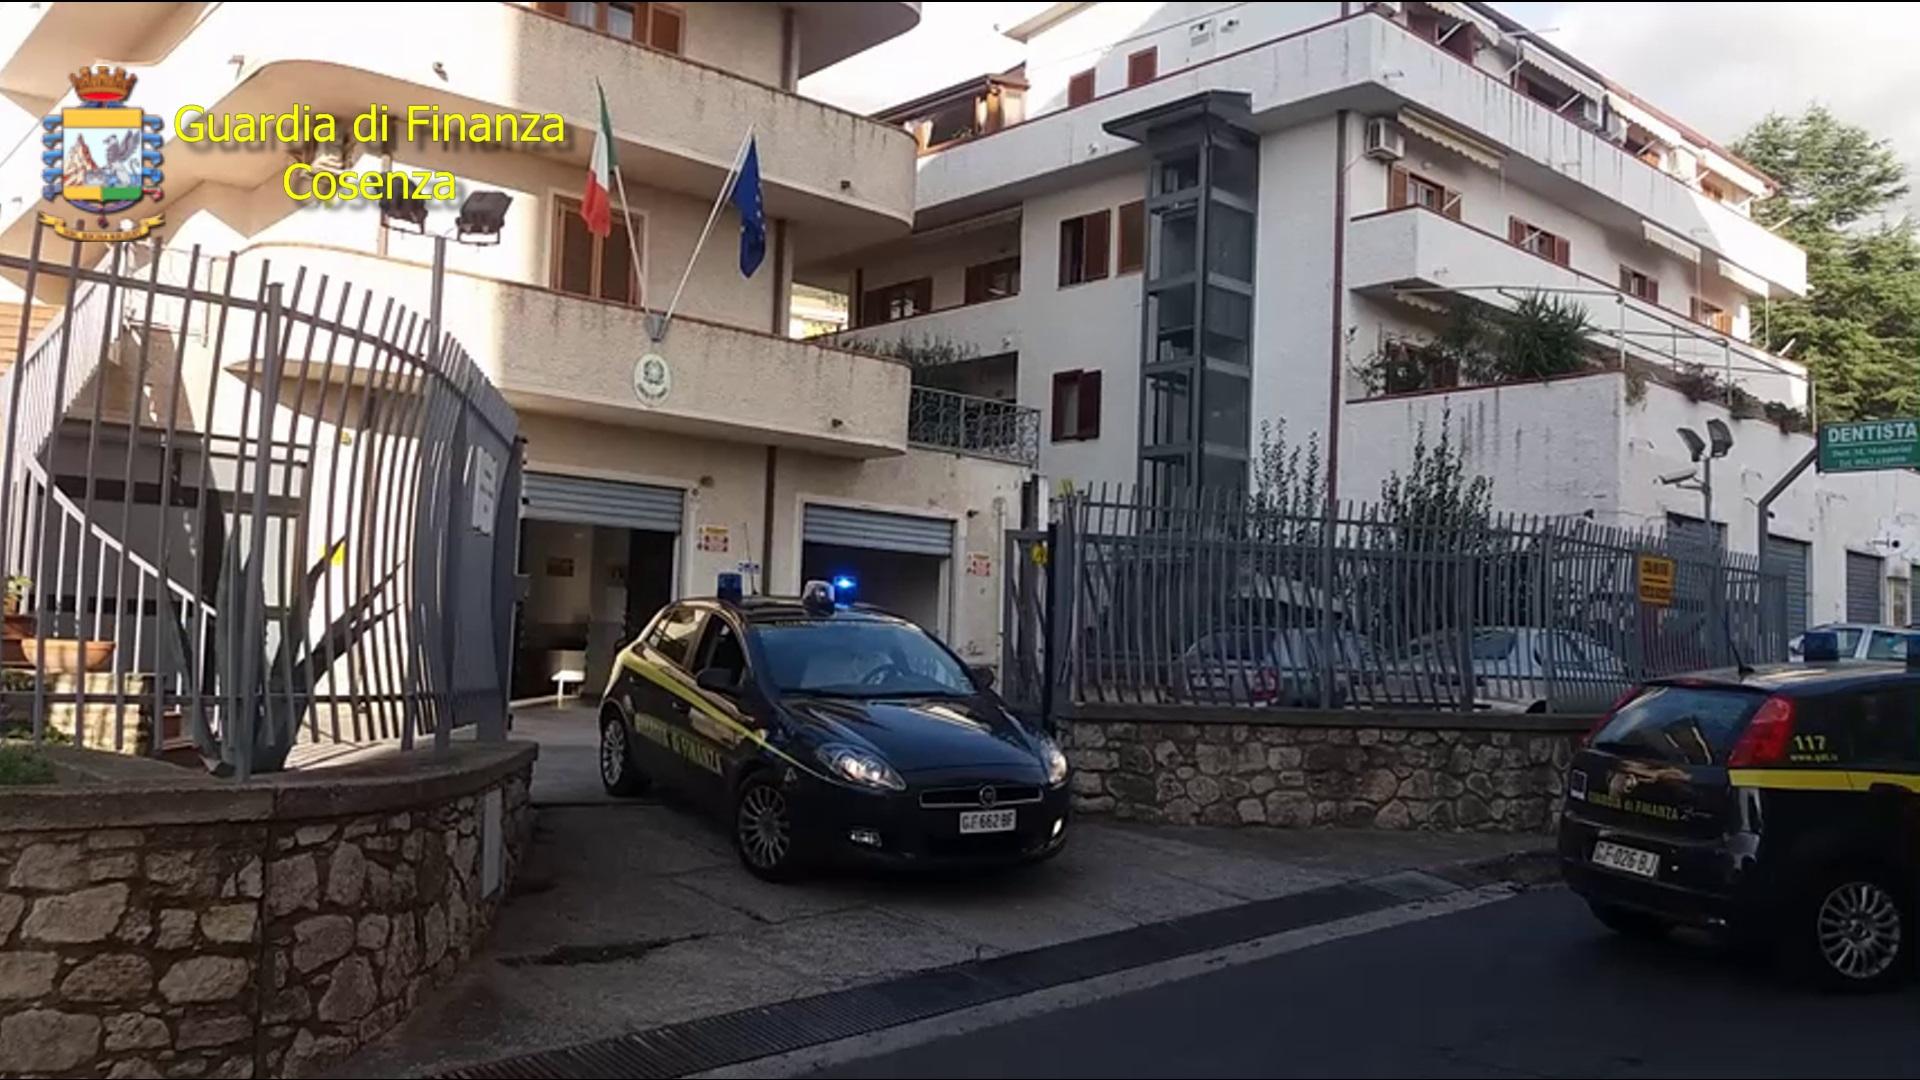 Operazione Merlino nel Cosentino, 20 indagati 14 arrestiTra loro sindaco, vicesindaco e assessore di Fuscaldo